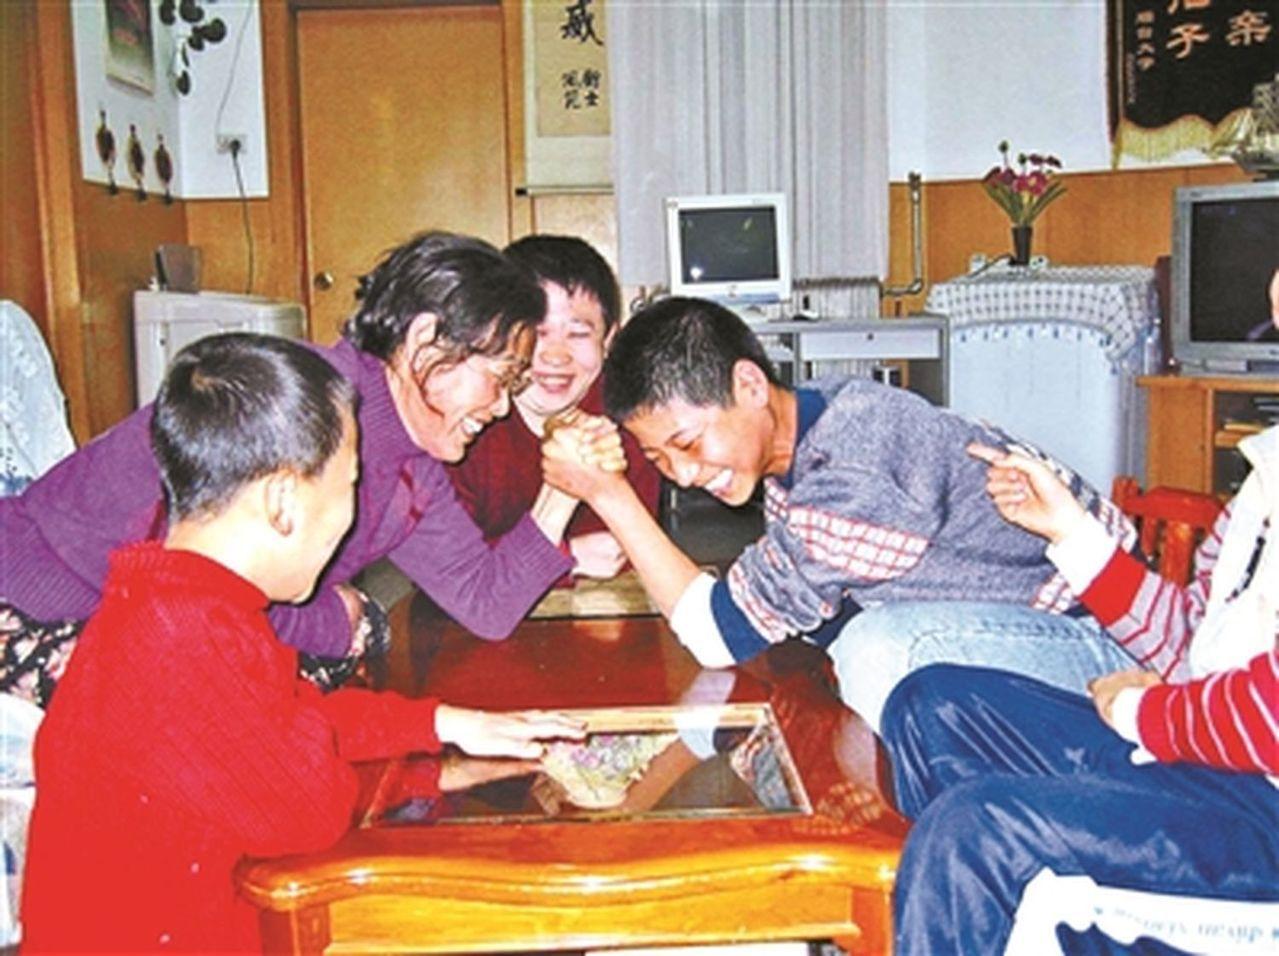 張雨霄在家與孩子們掰手腕。(取材自北京青年報)